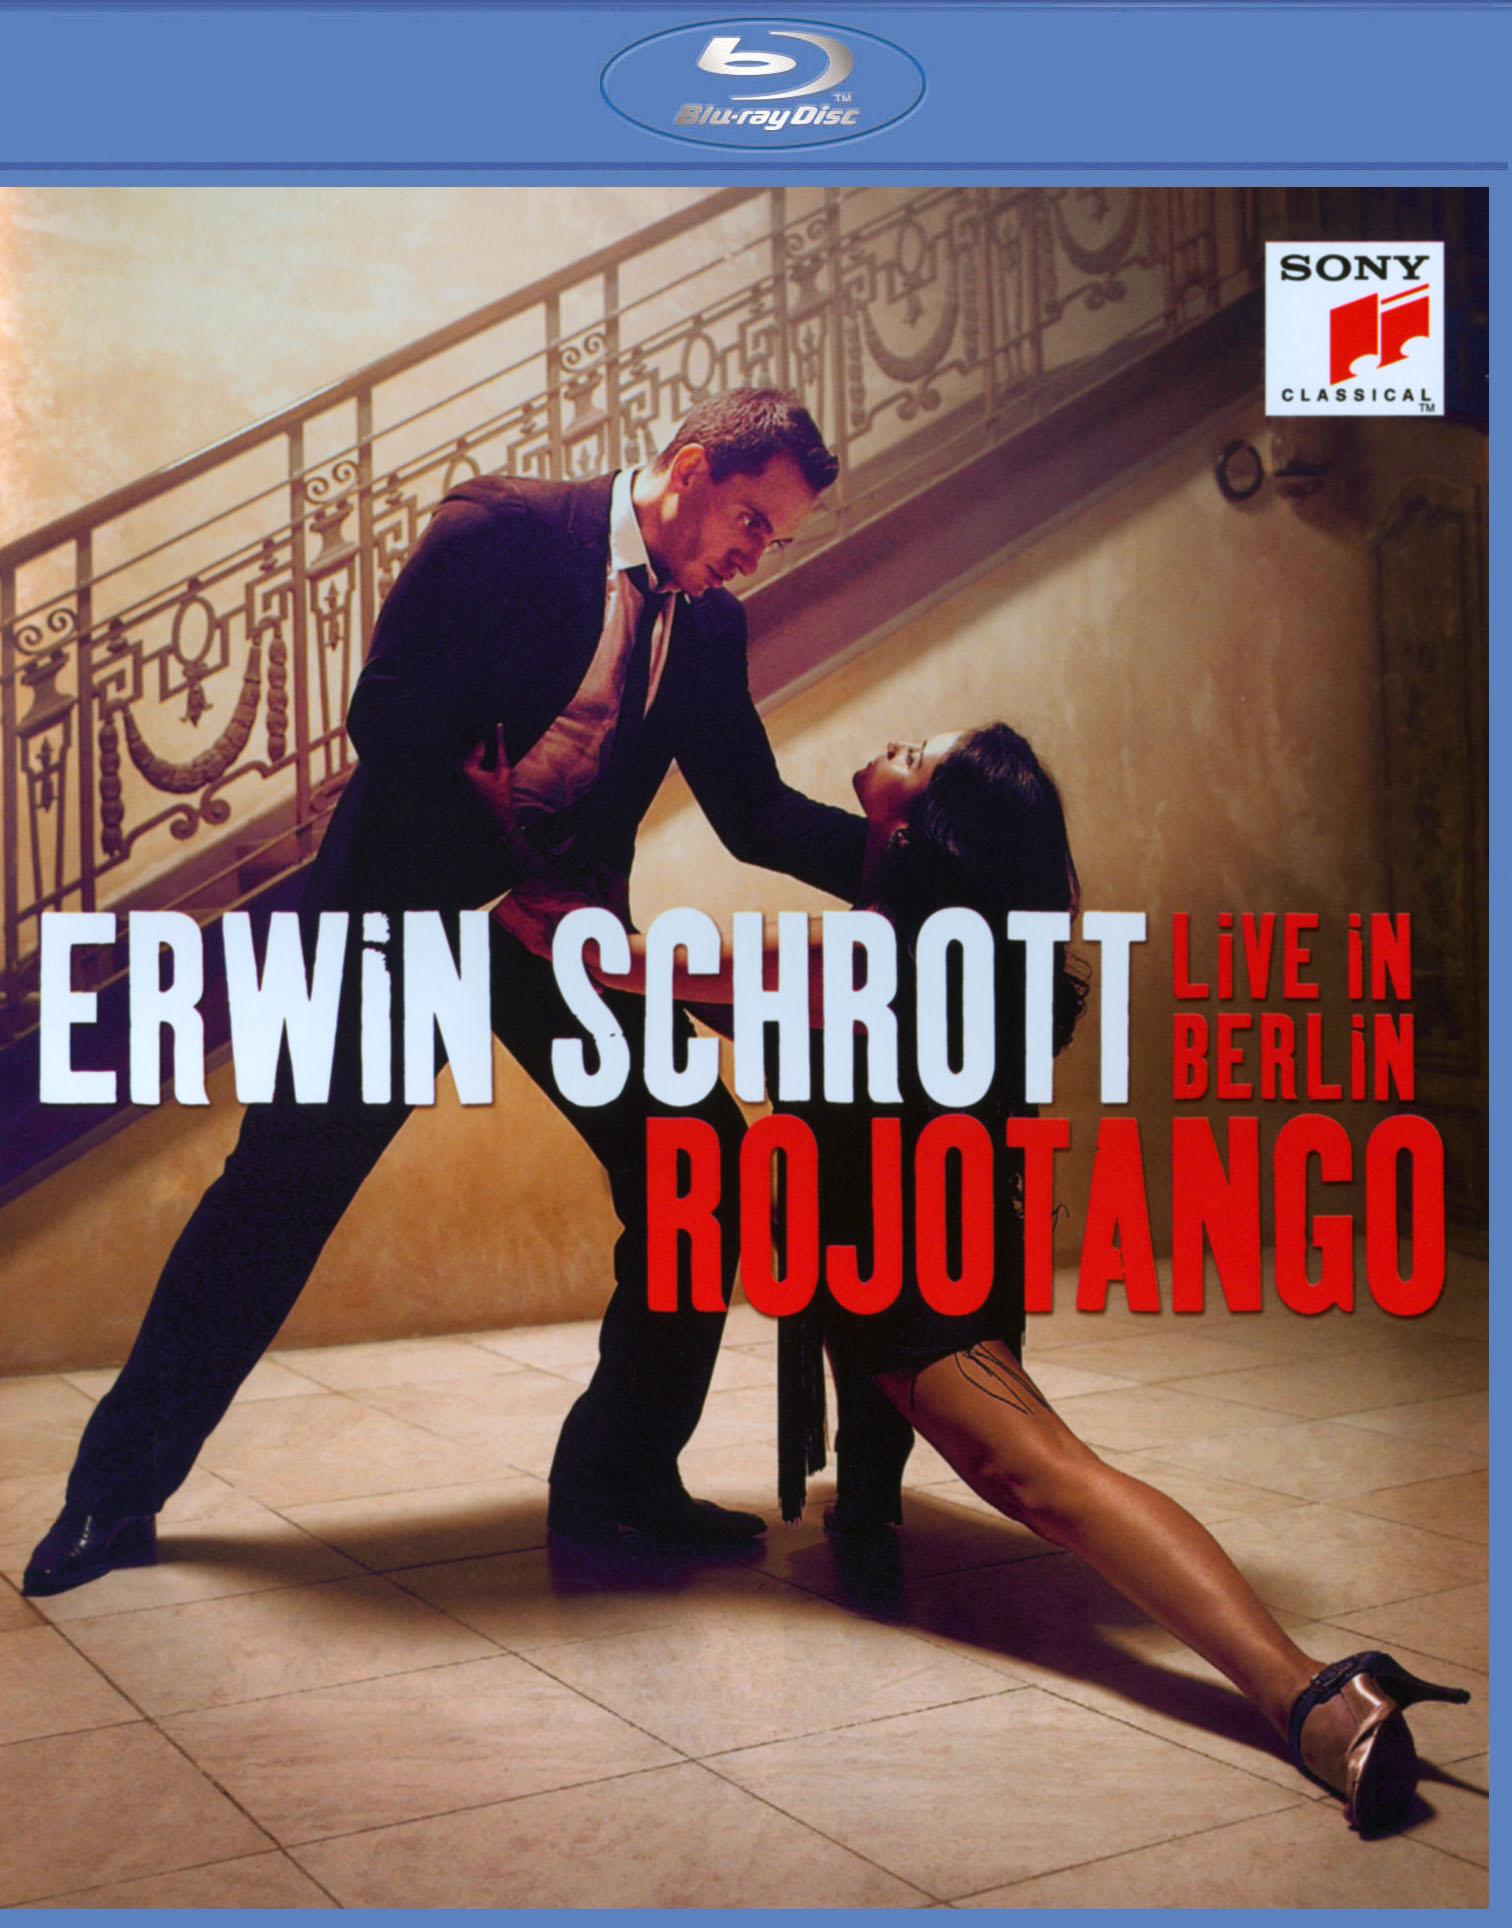 Erwin Schrott: Rojotango - Live in Berlin